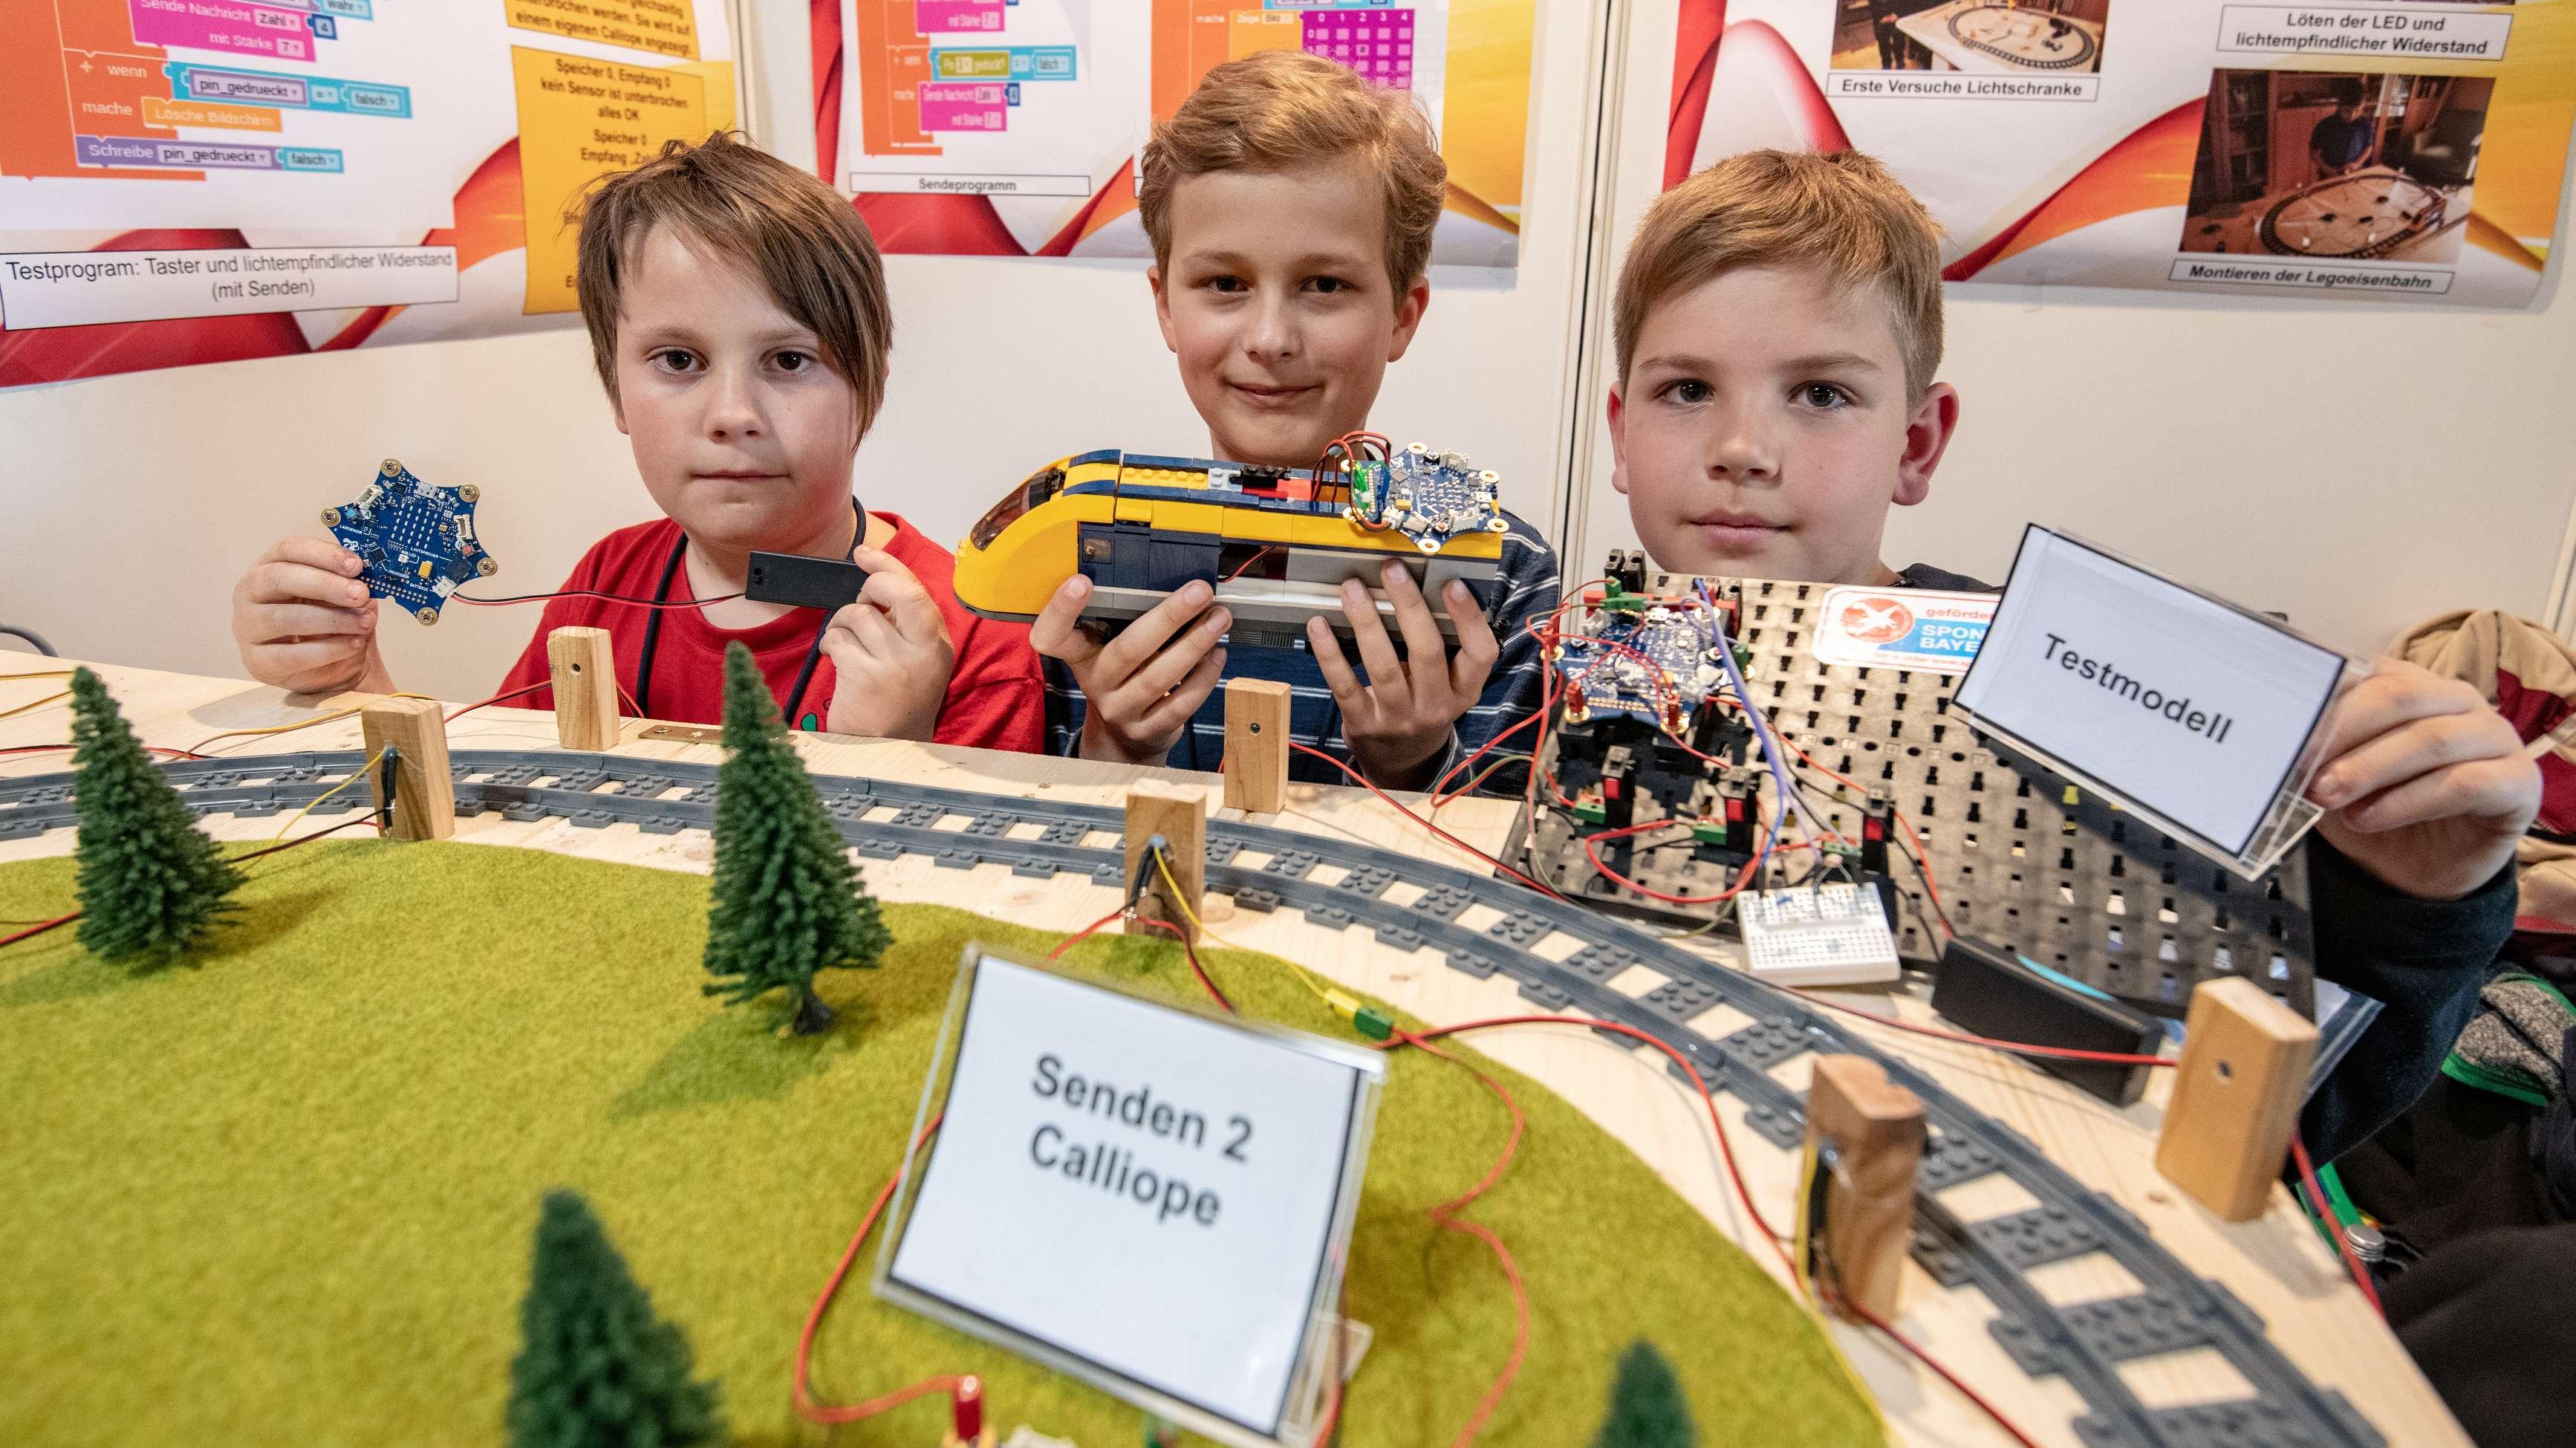 Schüler von der Grundschule Effeltrich (Lkr. Forchheim) präsentieren ihr Projekt einer Eisenbahnüberwachung.